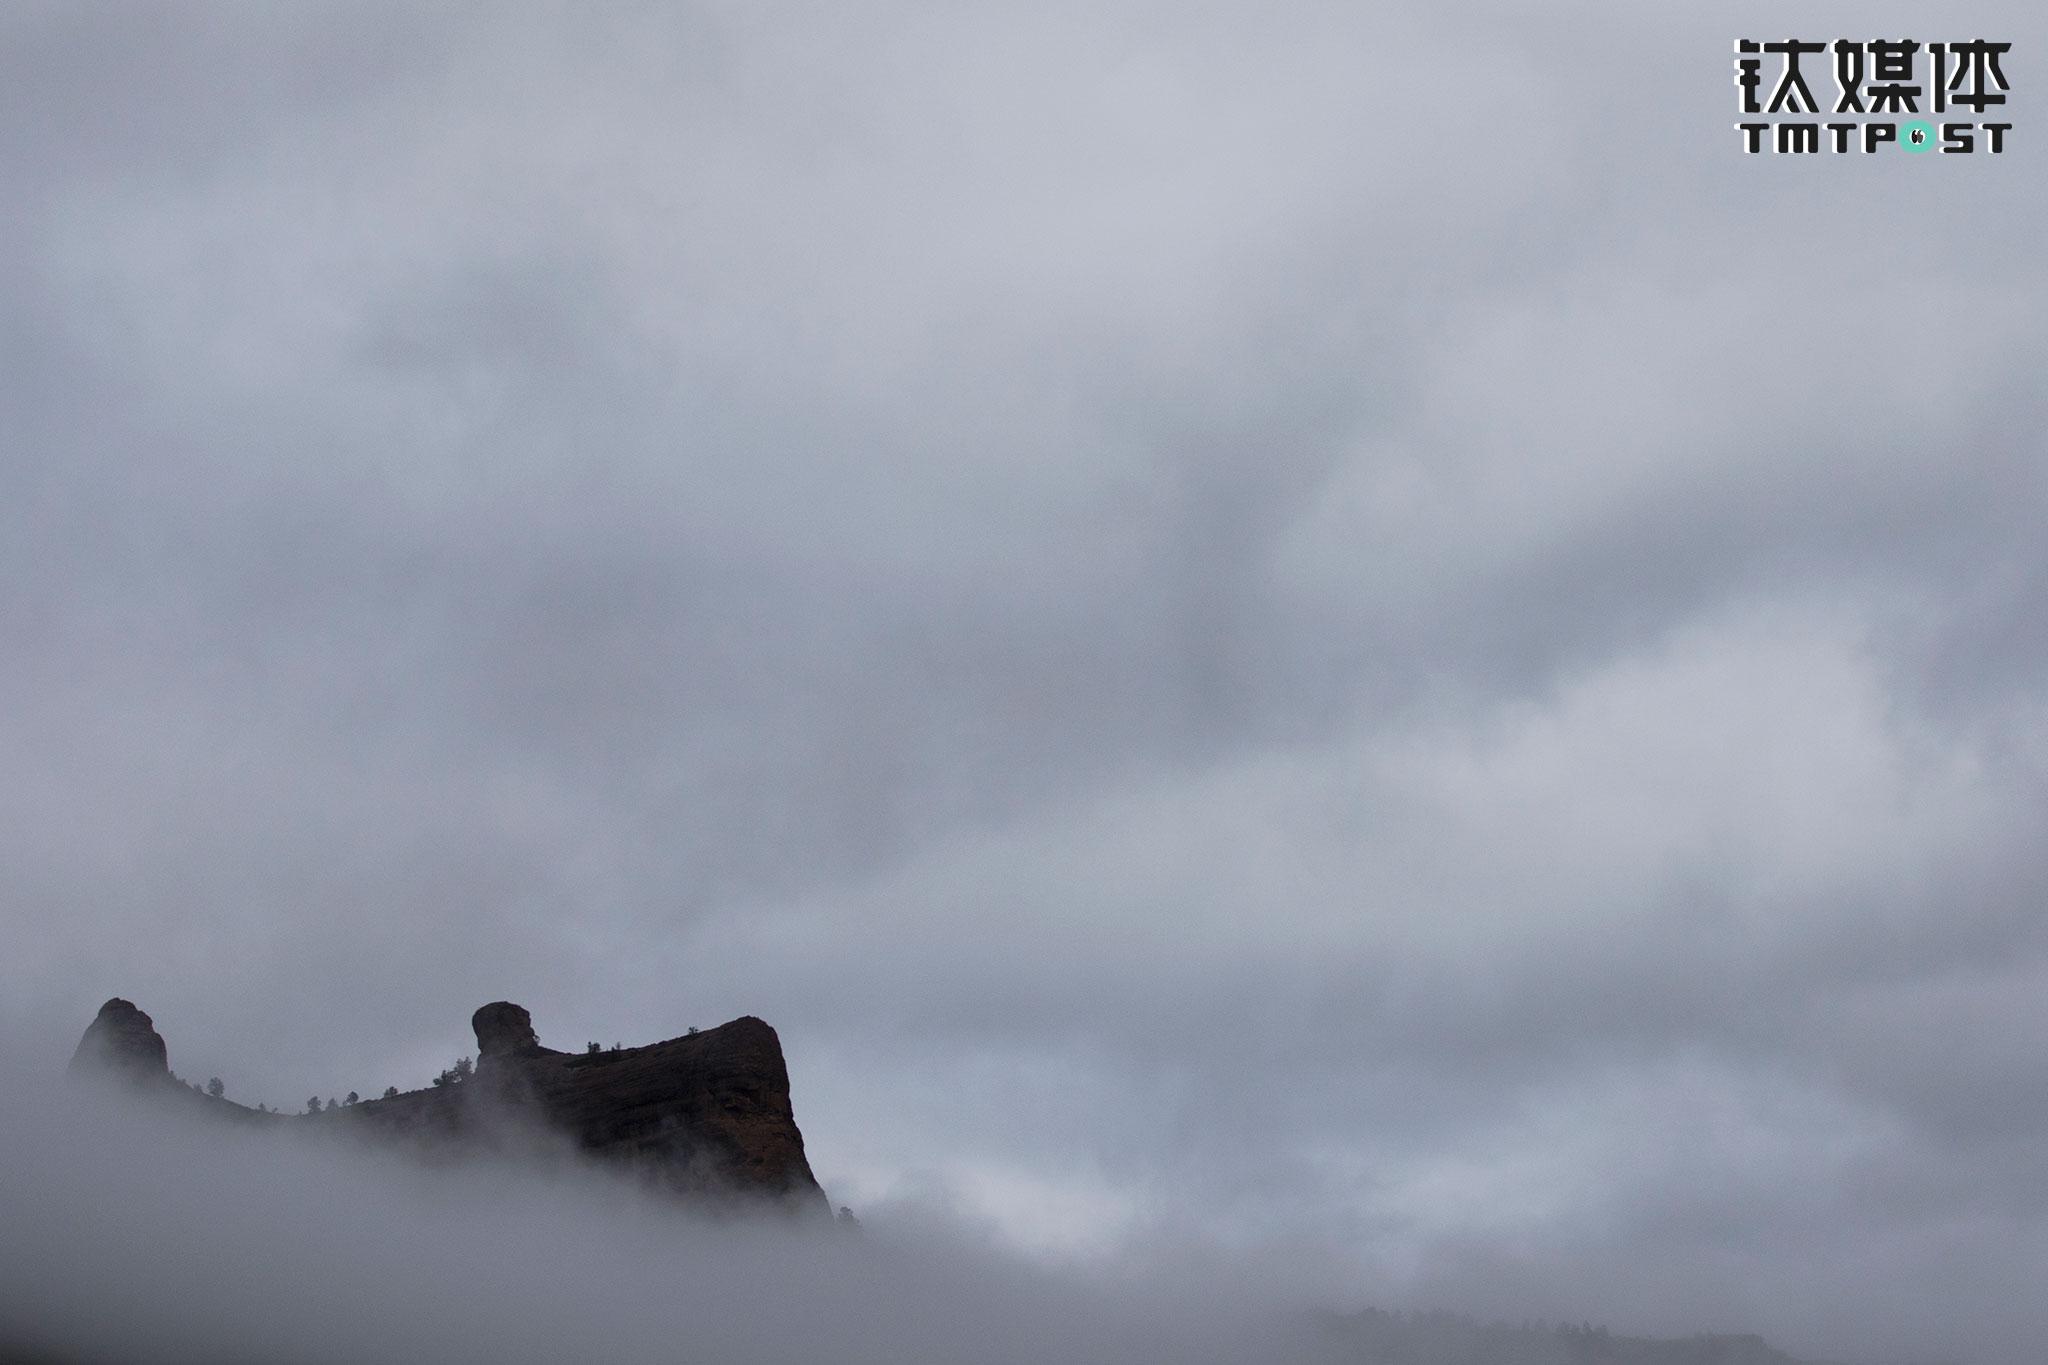 清晨拔营前,营地前雾气缭绕的神山。